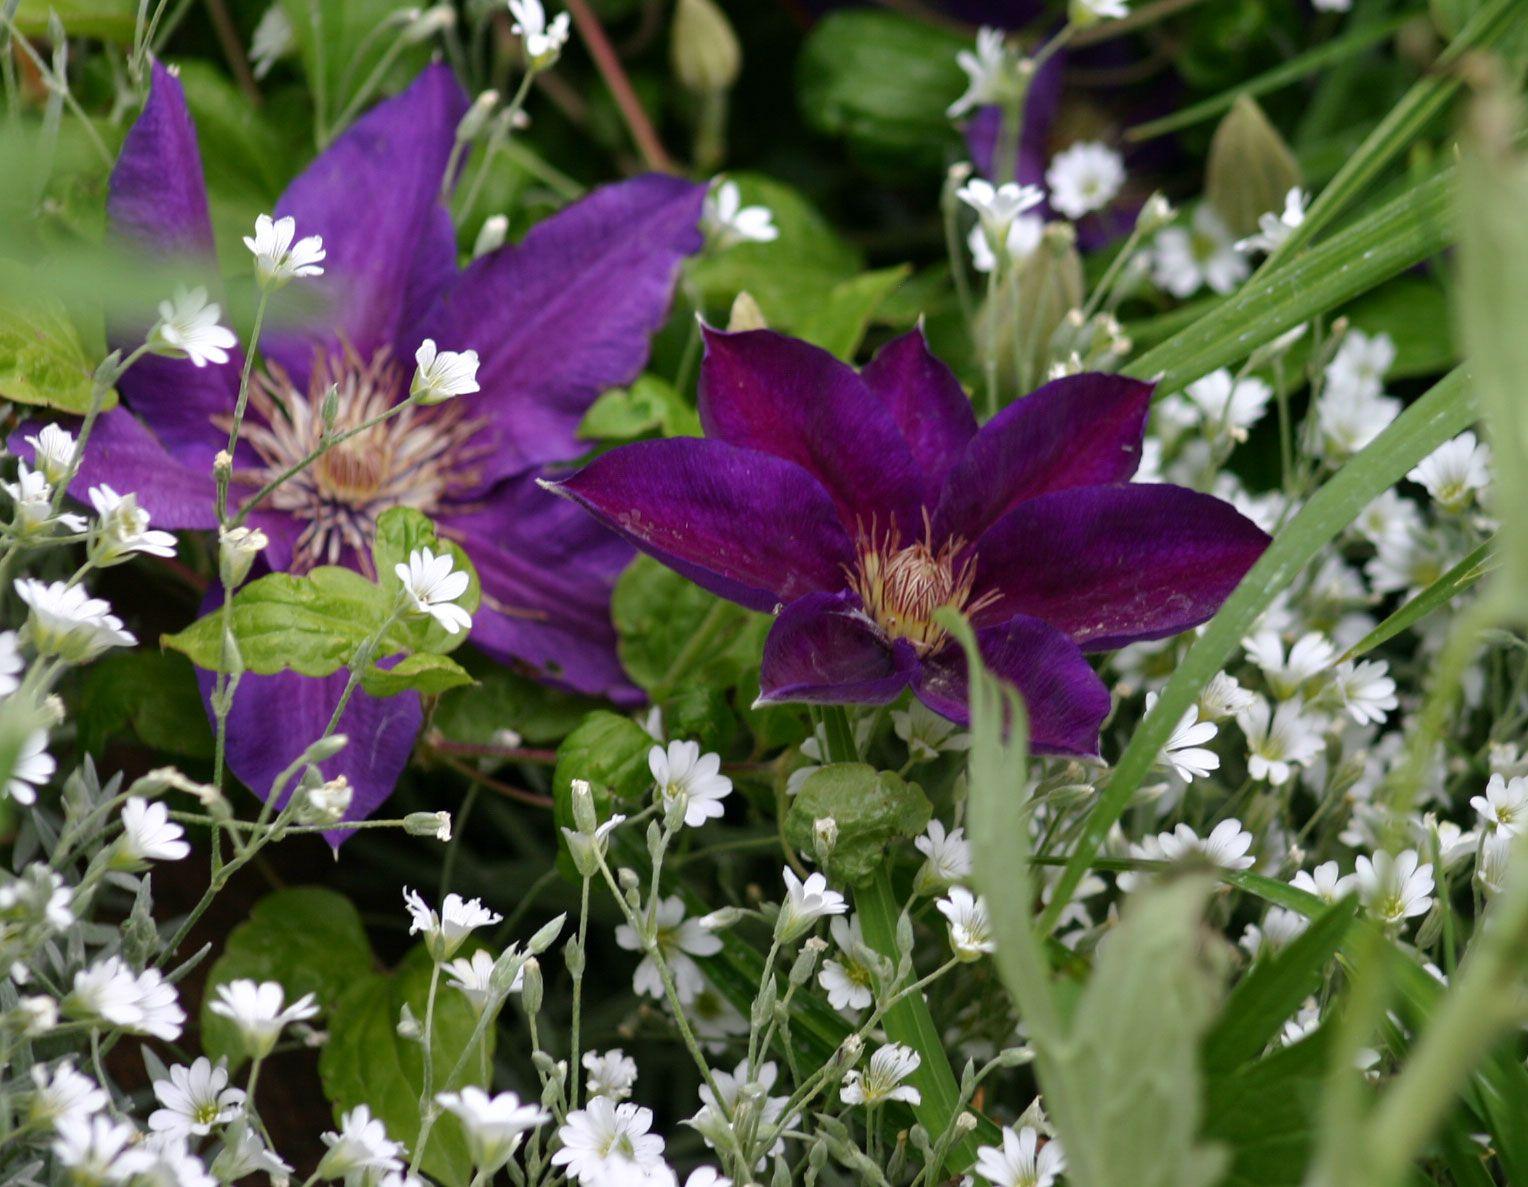 Snow-in-Summer (Cerastium tomentosum) and purple clematis